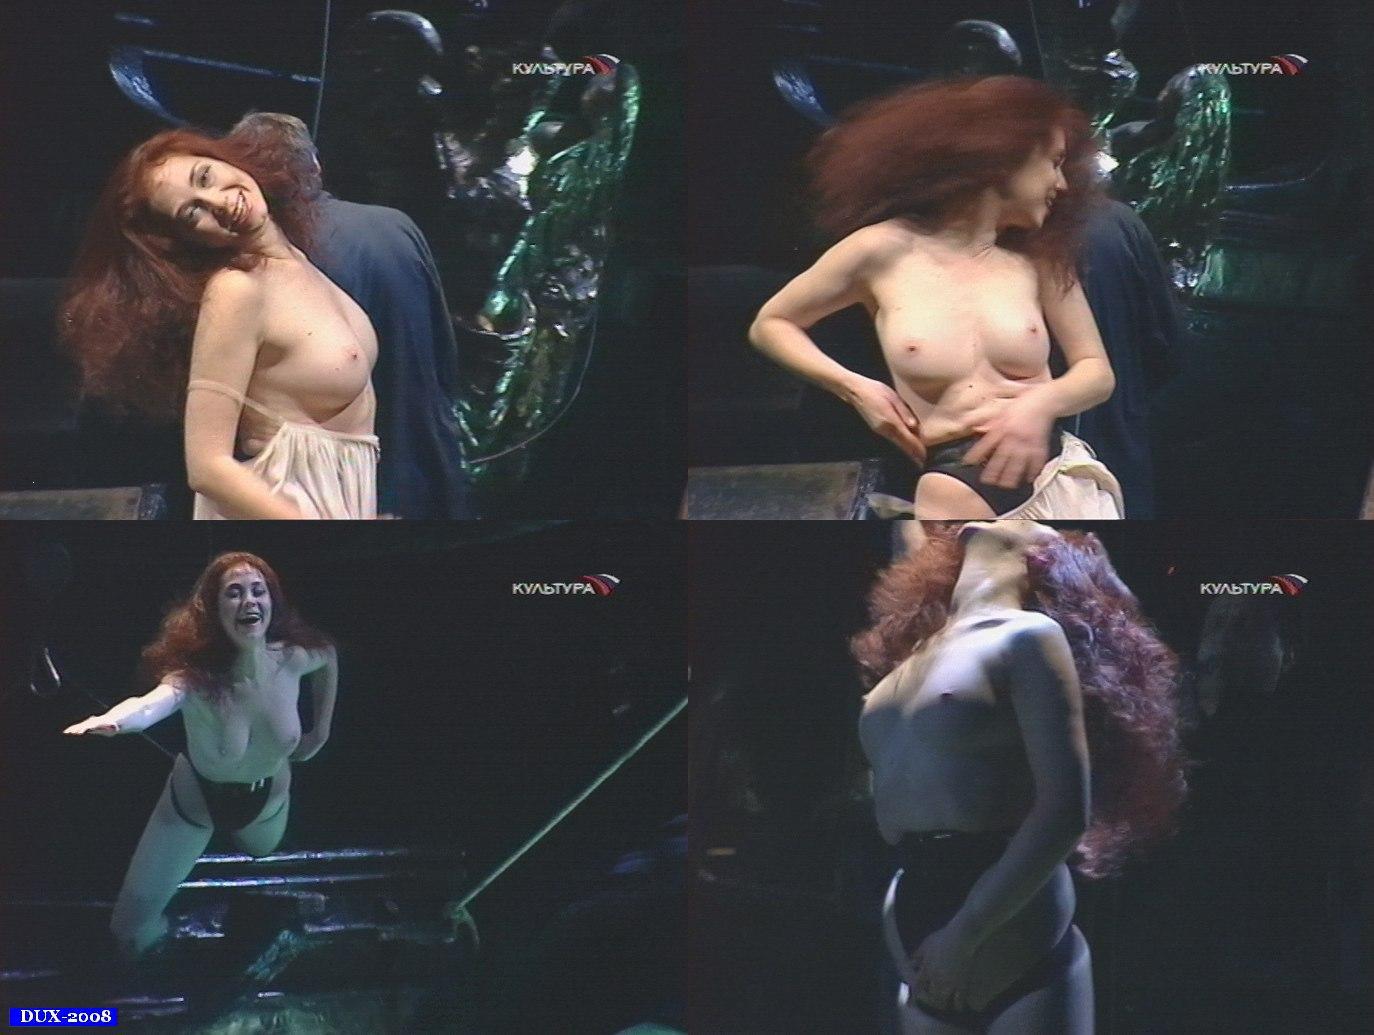 Секс в спектаклях смотреть онлайн 11 фотография